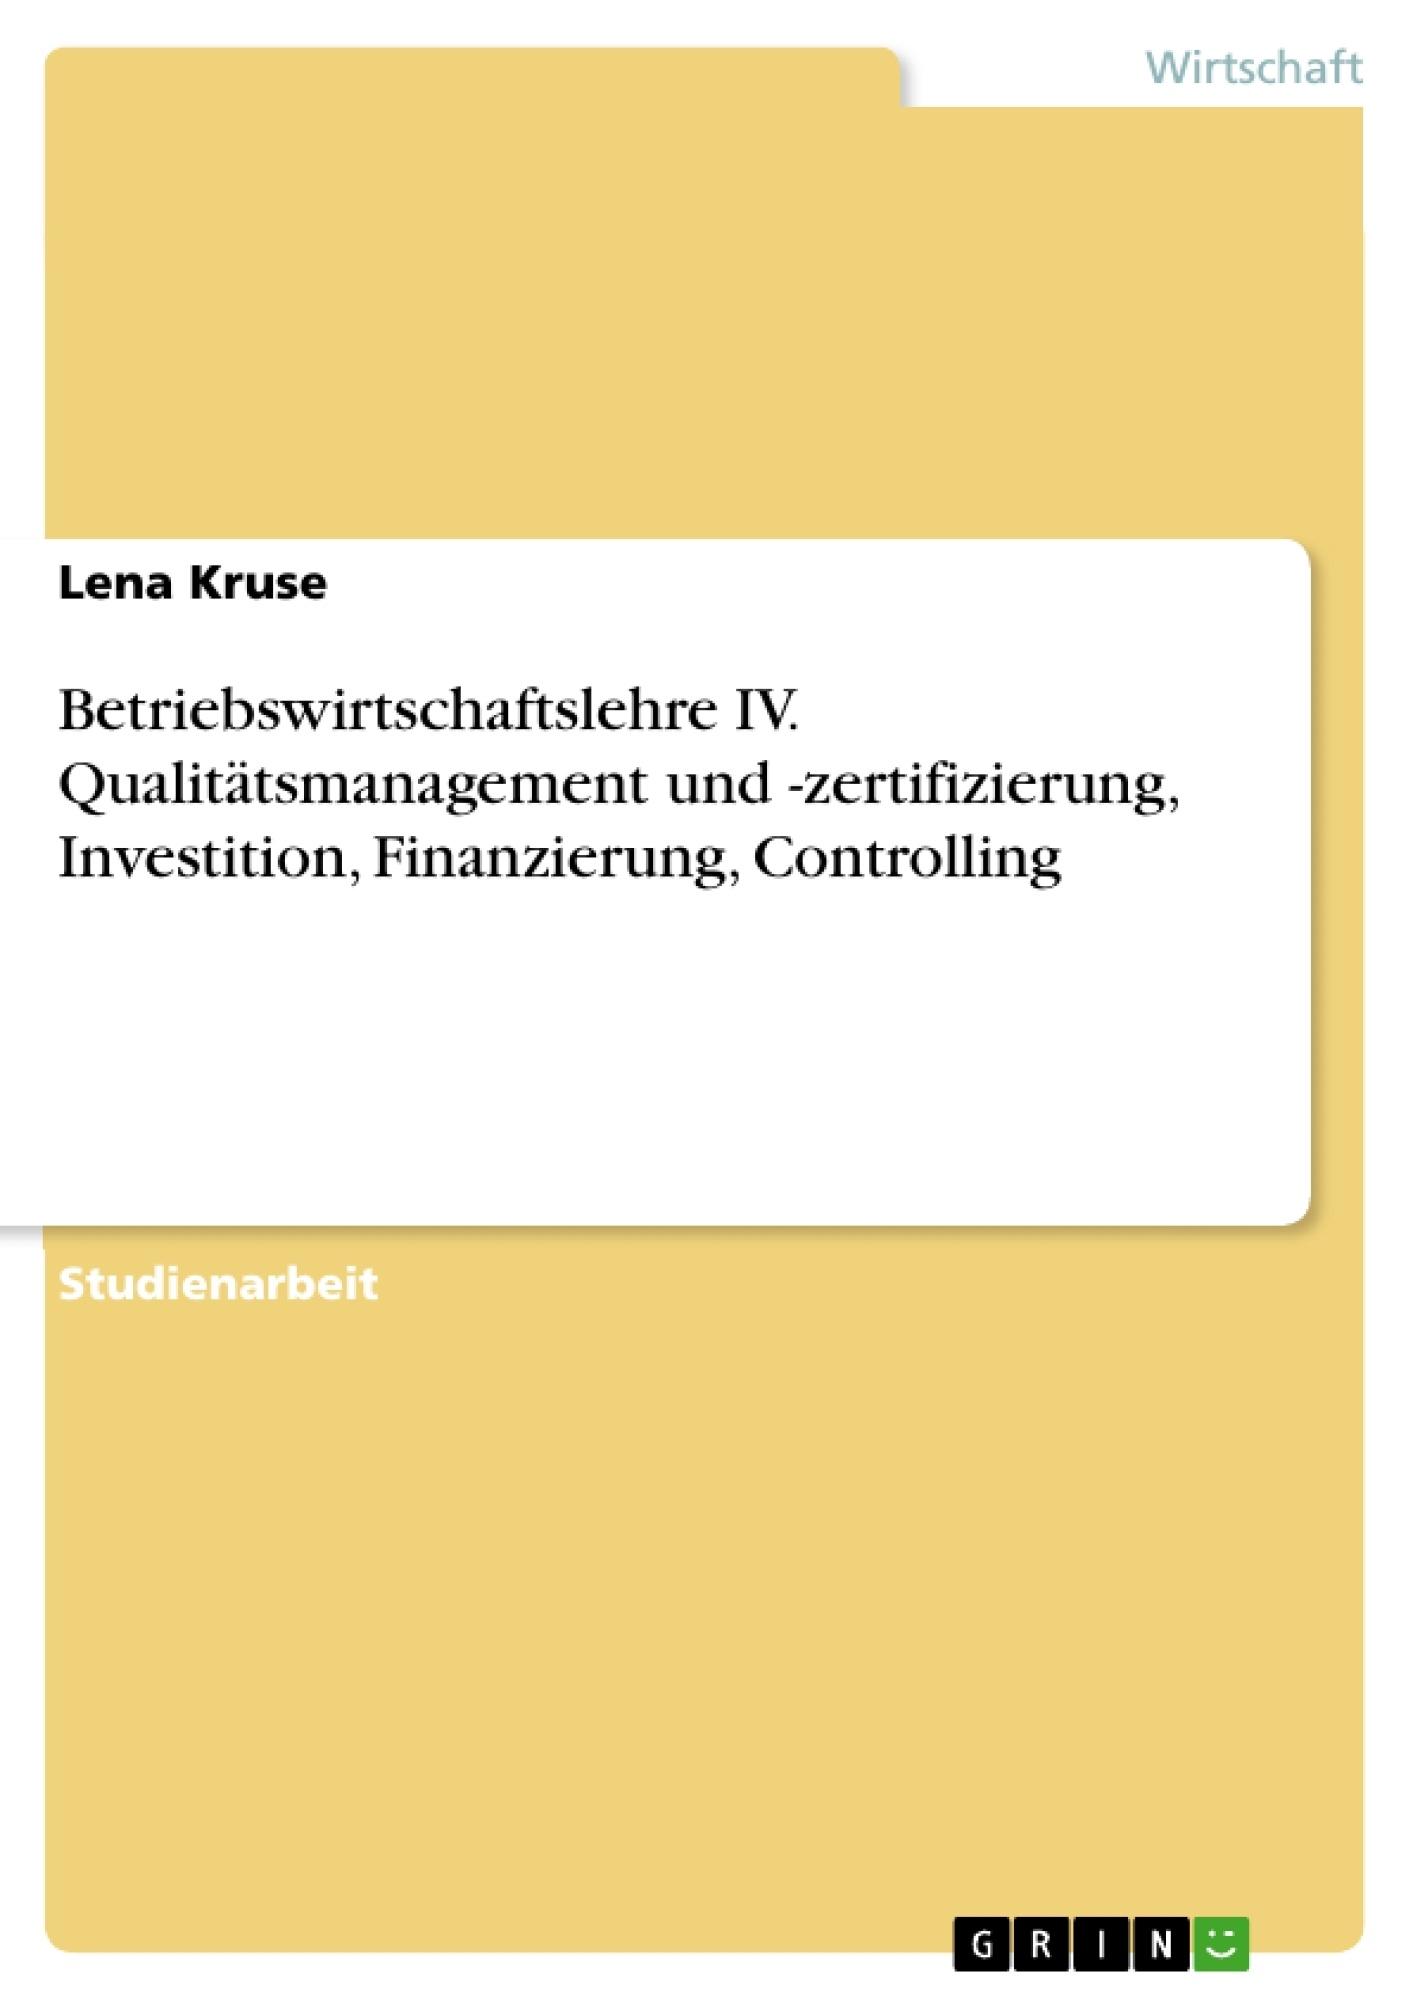 Titel: Betriebswirtschaftslehre IV. Qualitätsmanagement und -zertifizierung, Investition, Finanzierung, Controlling